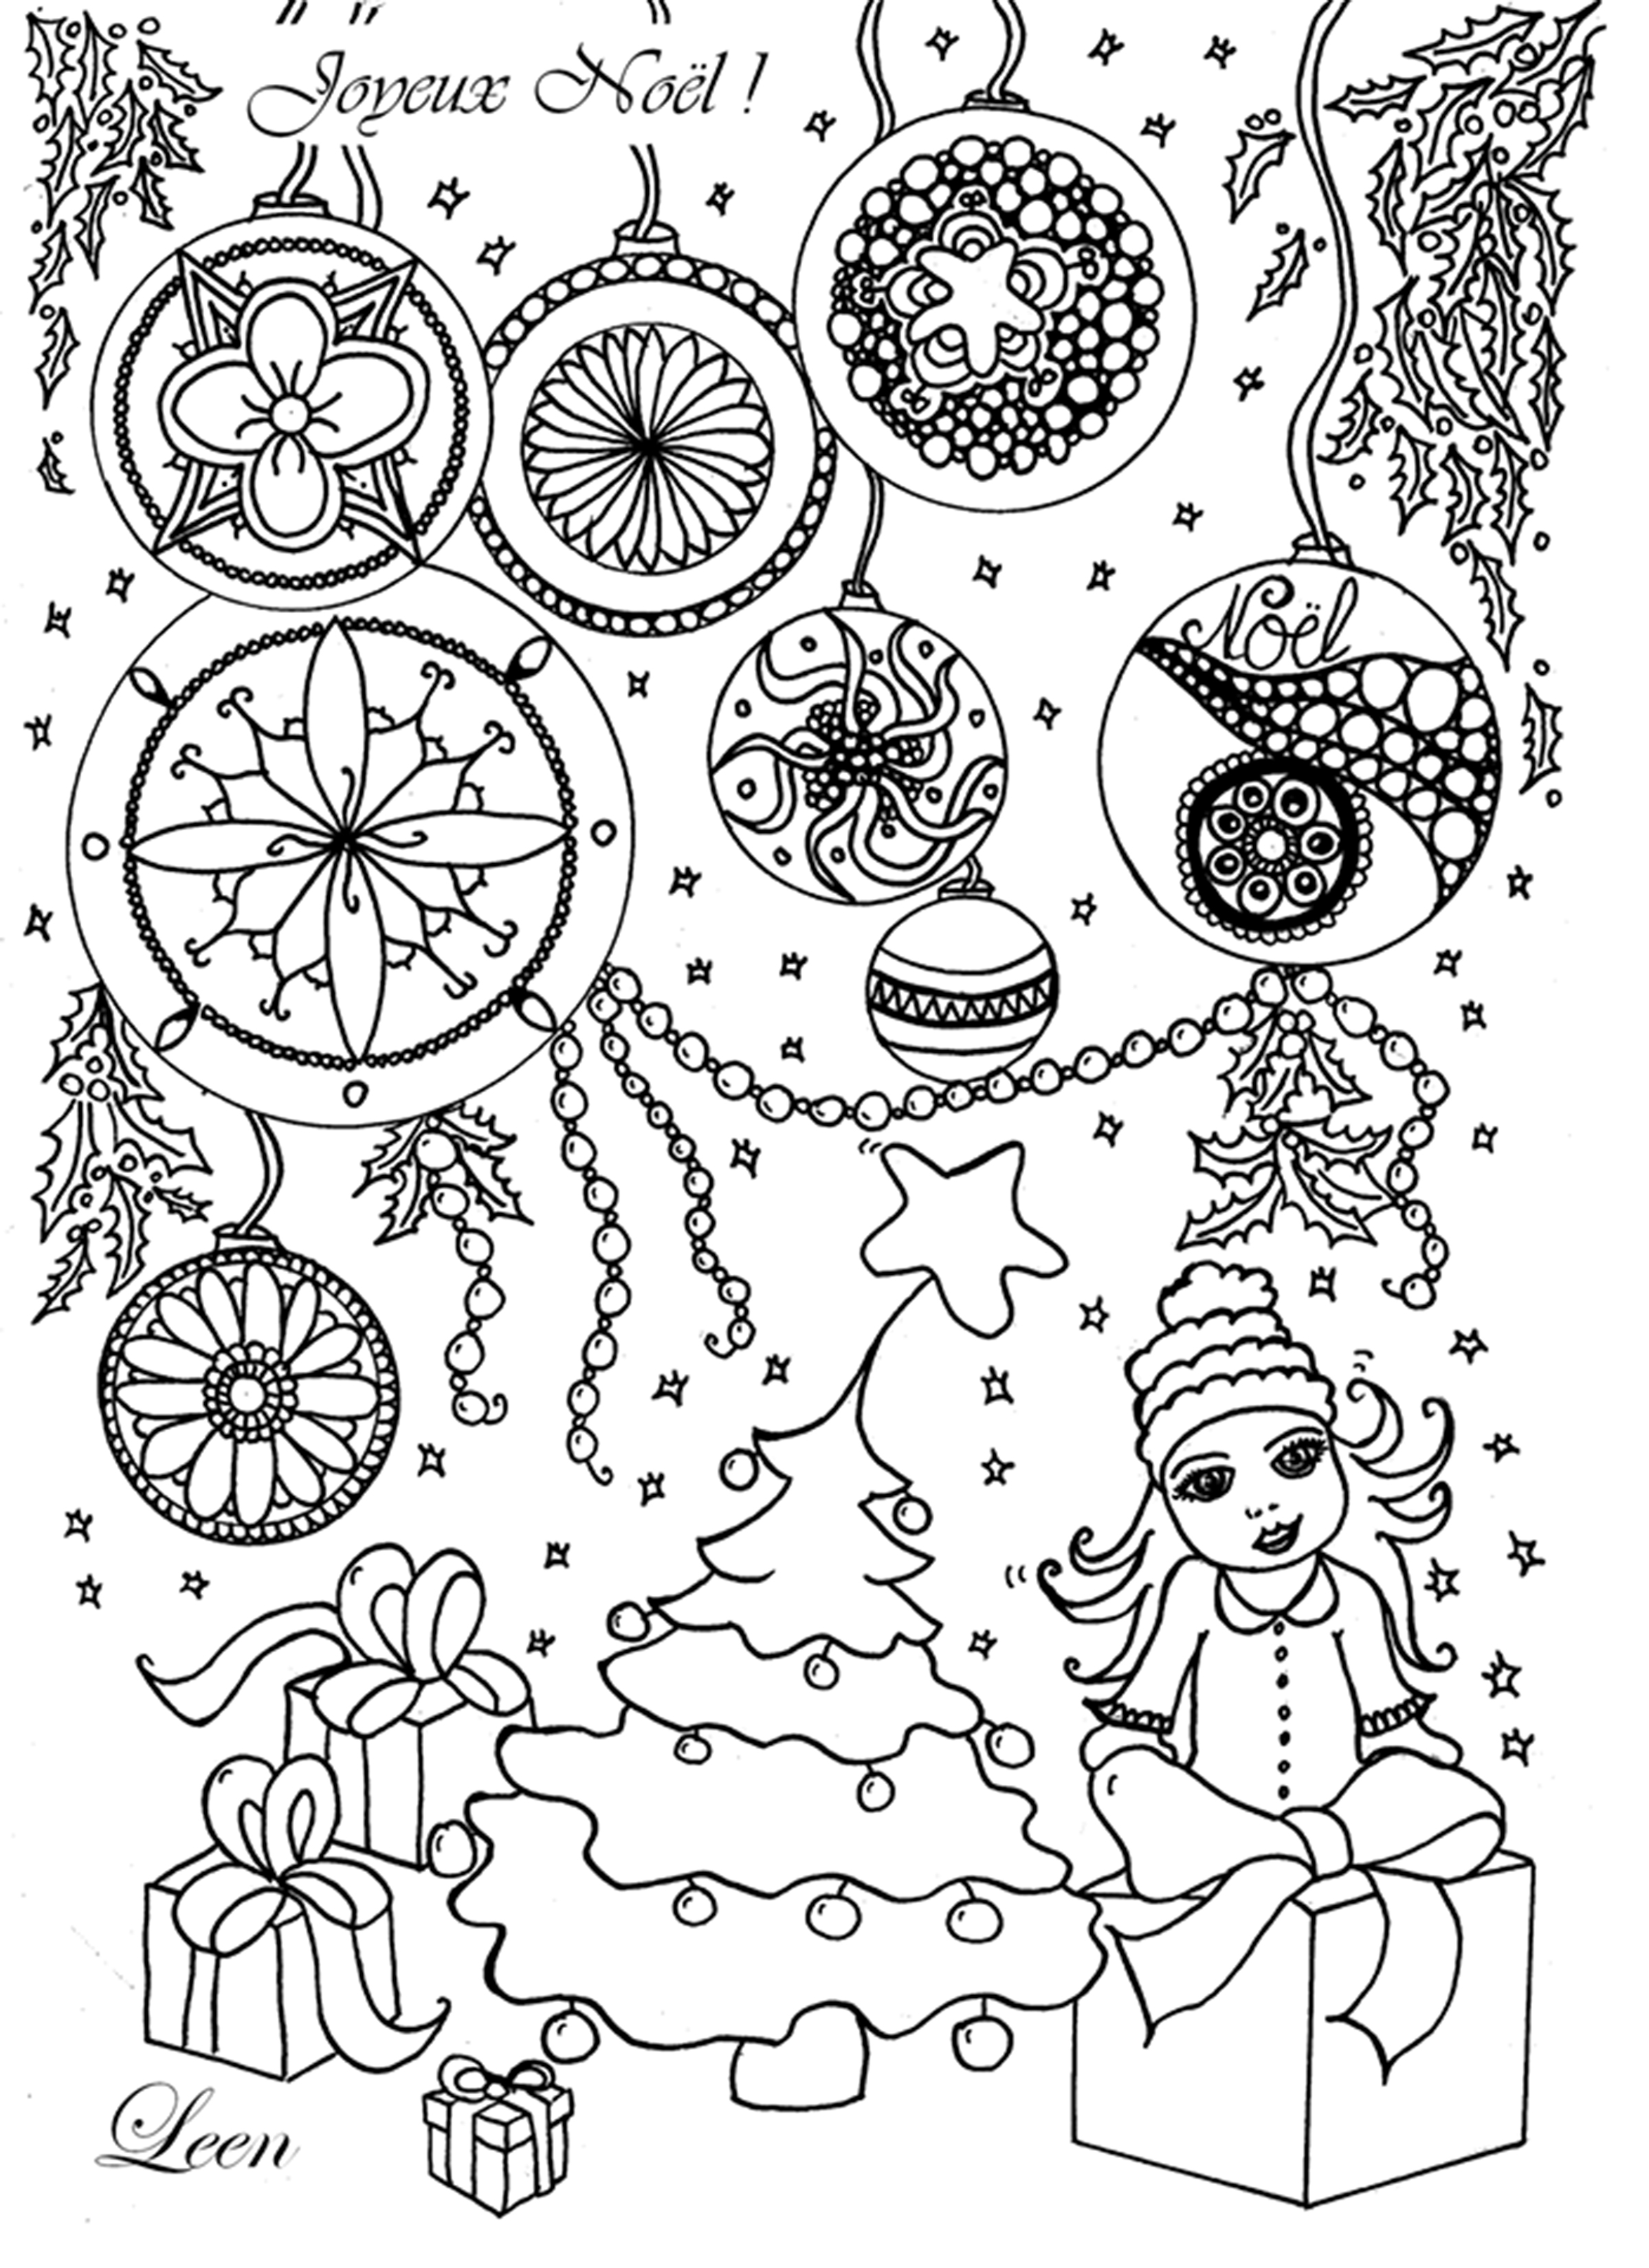 Frais dessin a colorier joyeux noel - Dessin joyeux noel ...